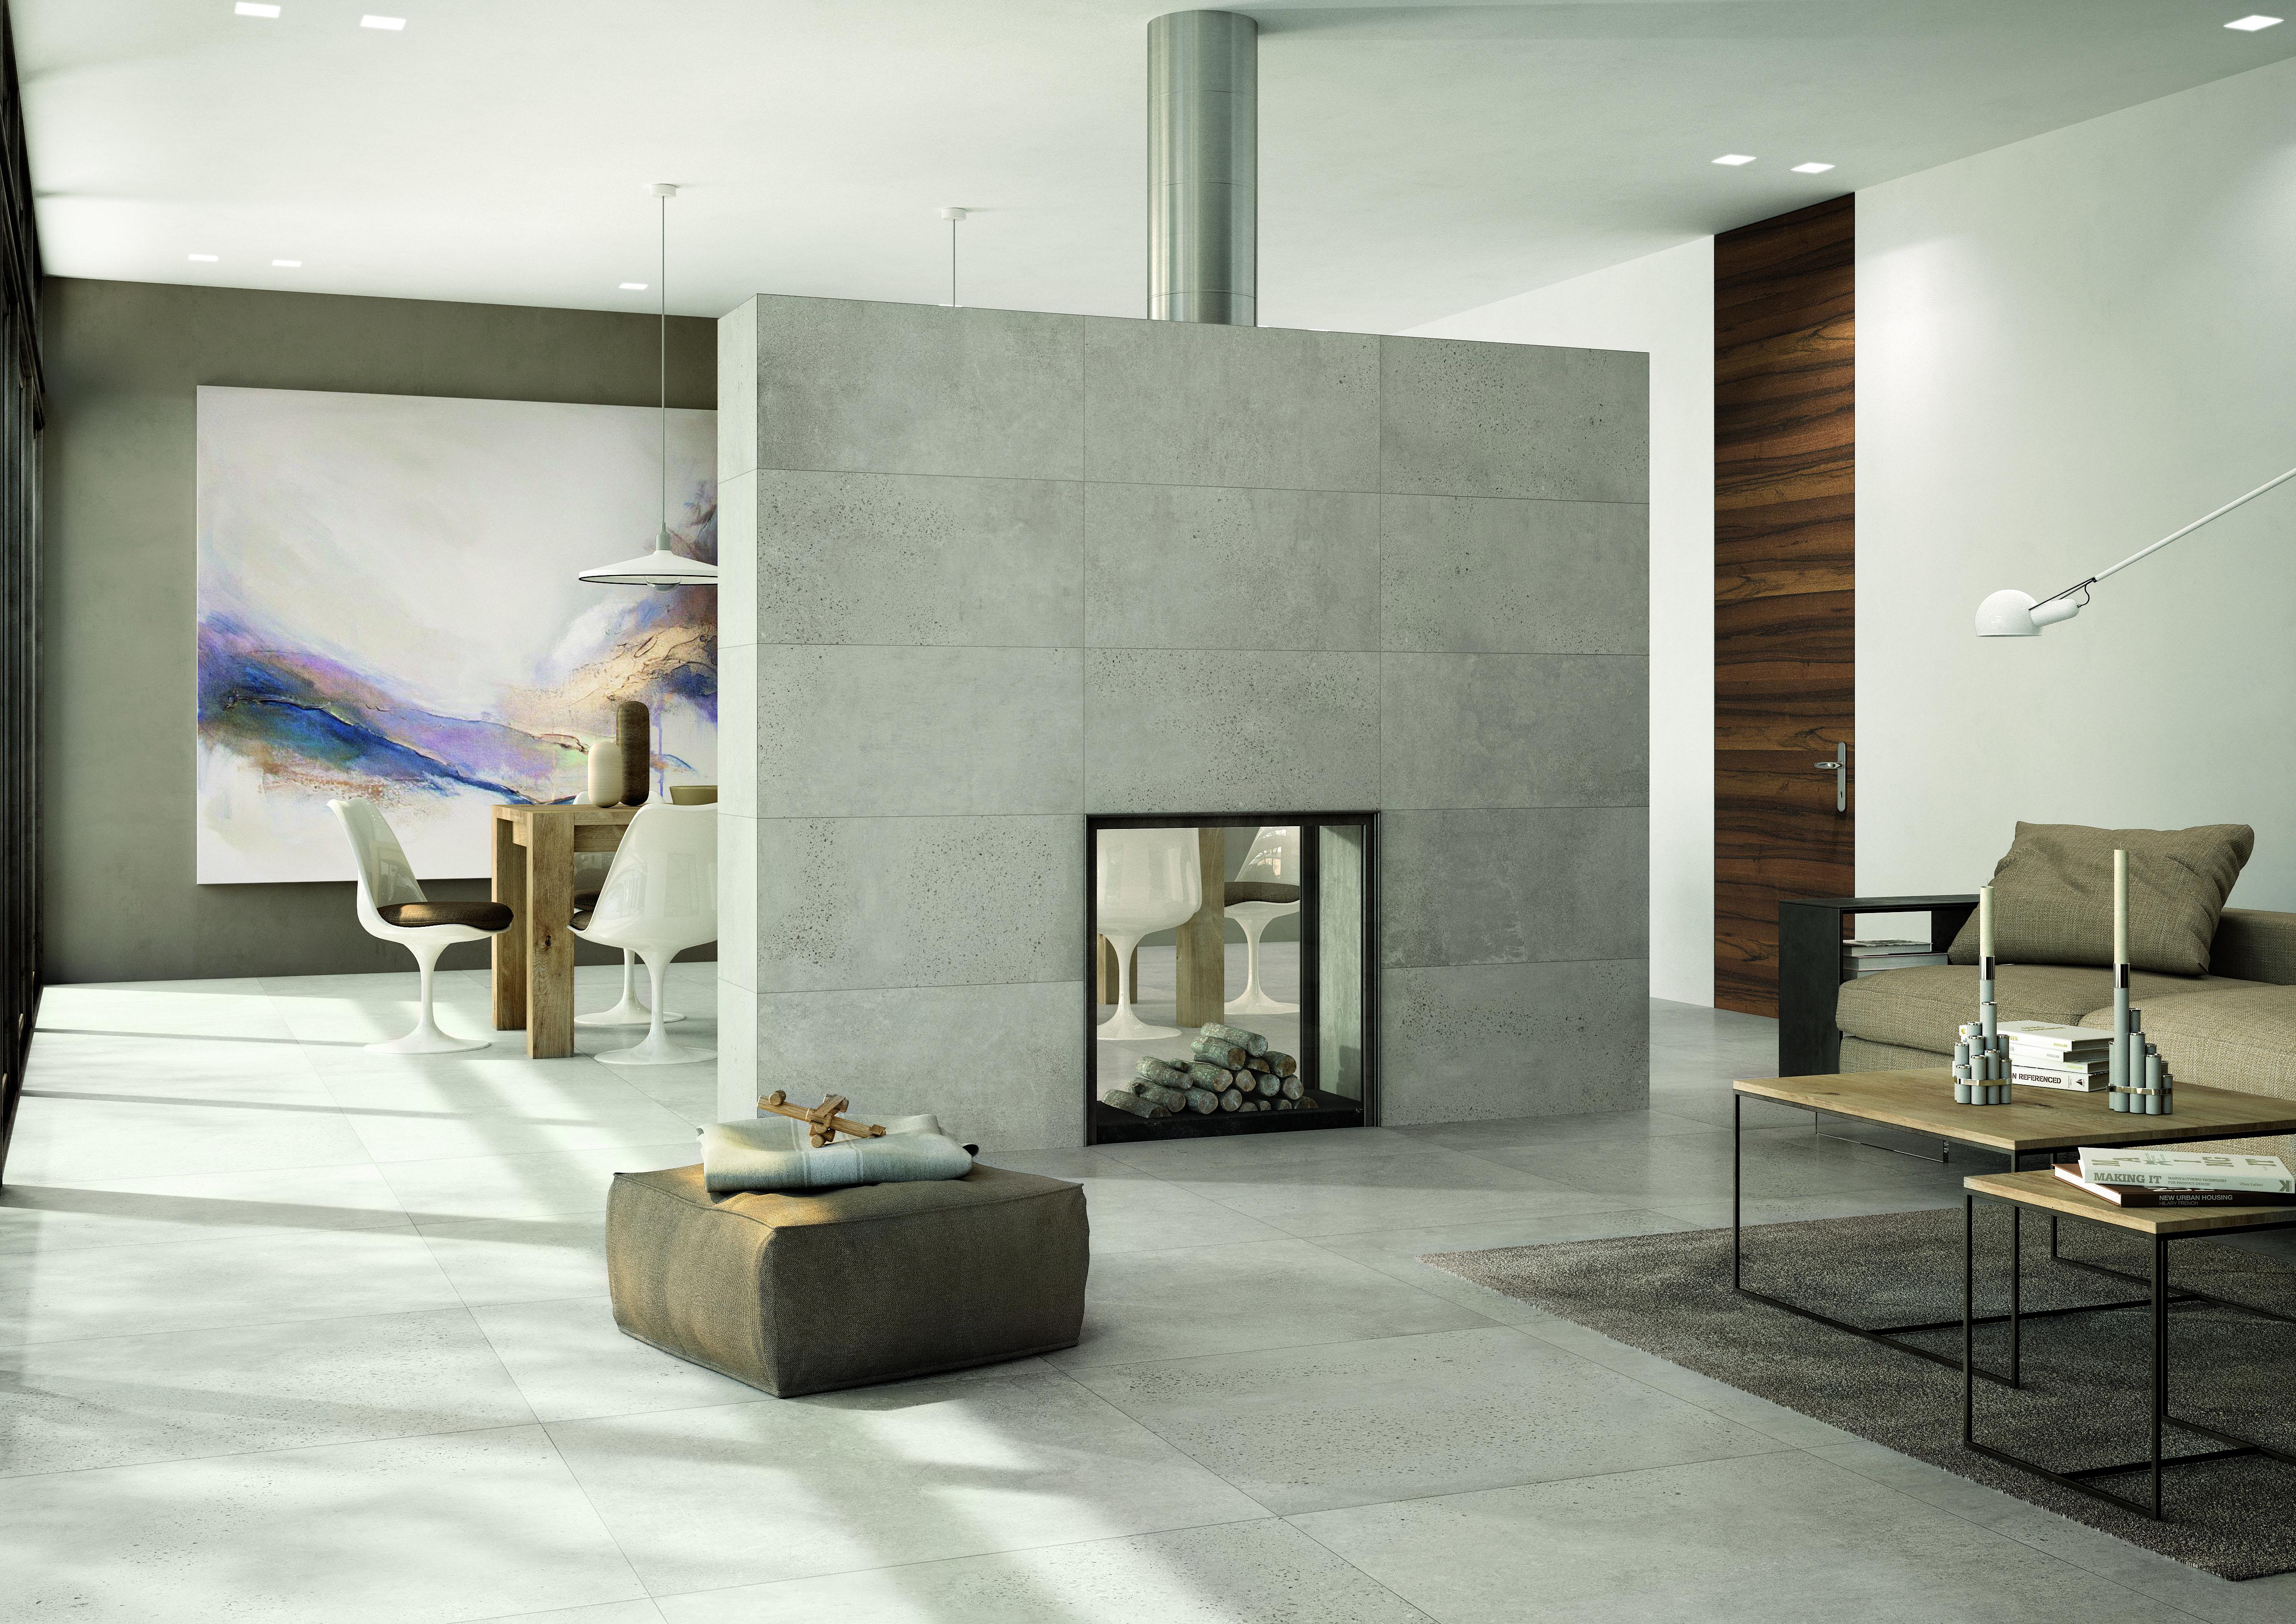 Carrelage en ligne faiences cuisine sanitaire toulouse paris for Carrelage interieur 60x60